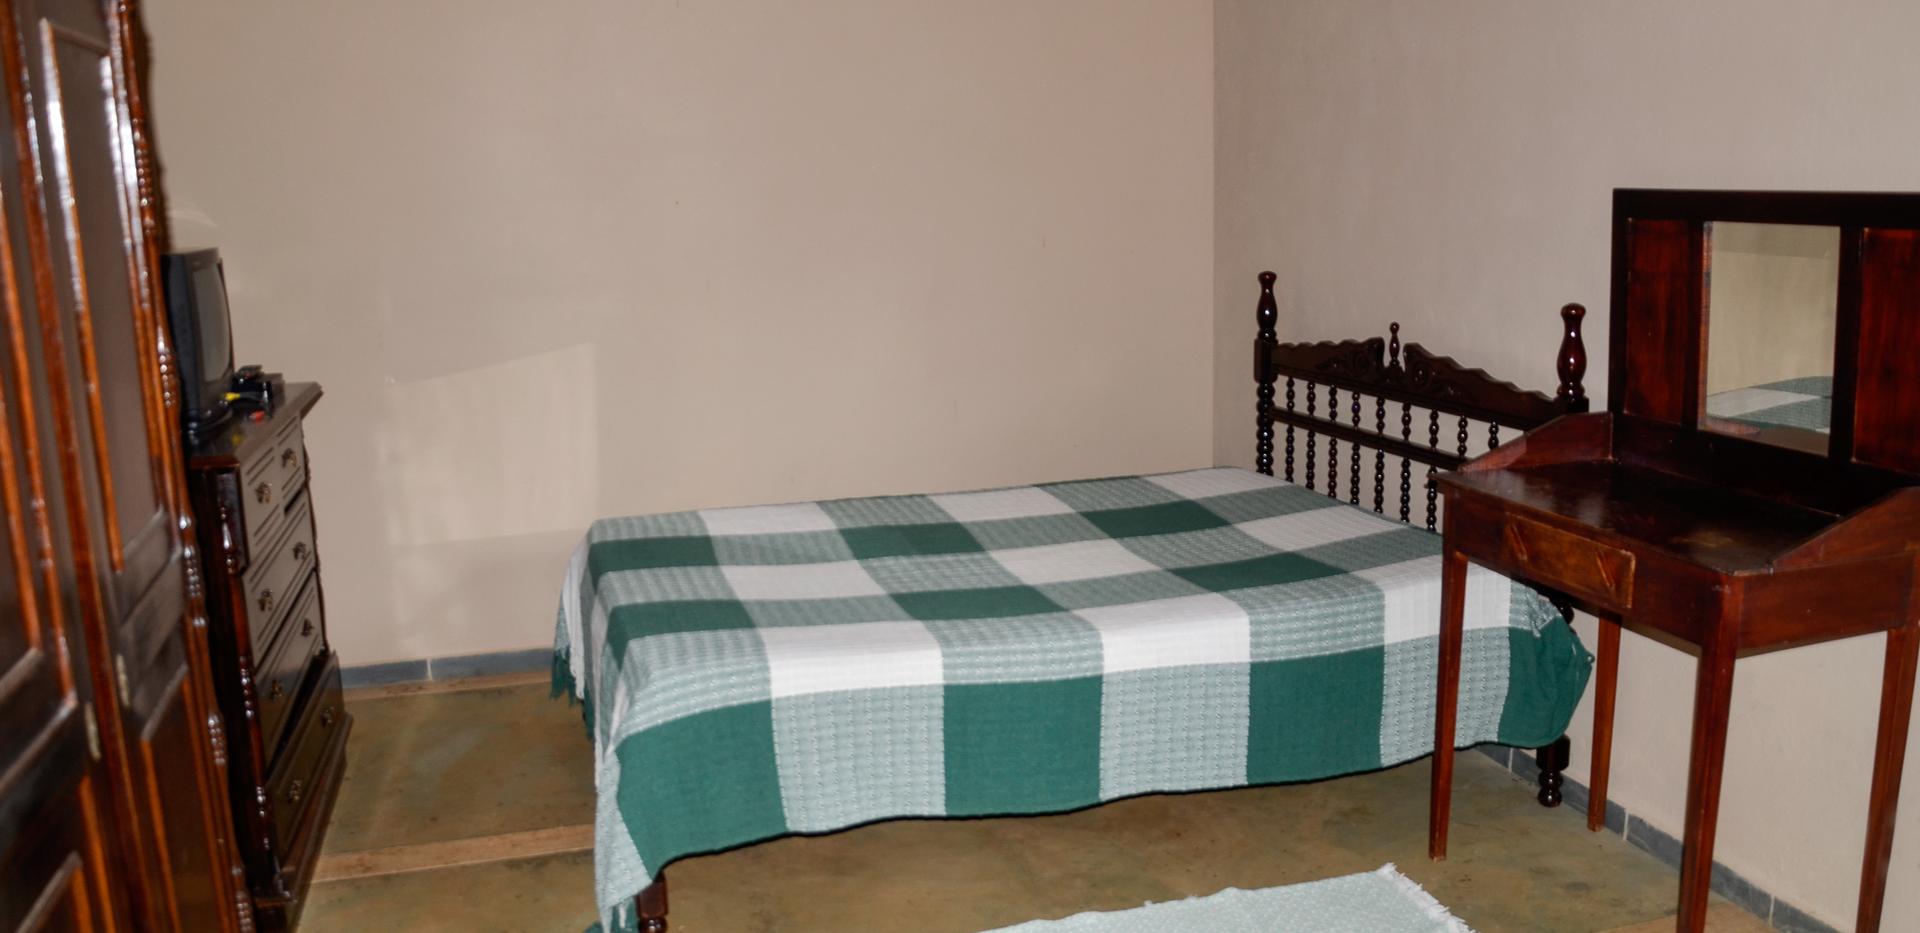 Quarto Cama de Casal e Uma de Solteiro, Rancho das Pedras, Estouros, Araponga-MG, Serra do Brigadeiro